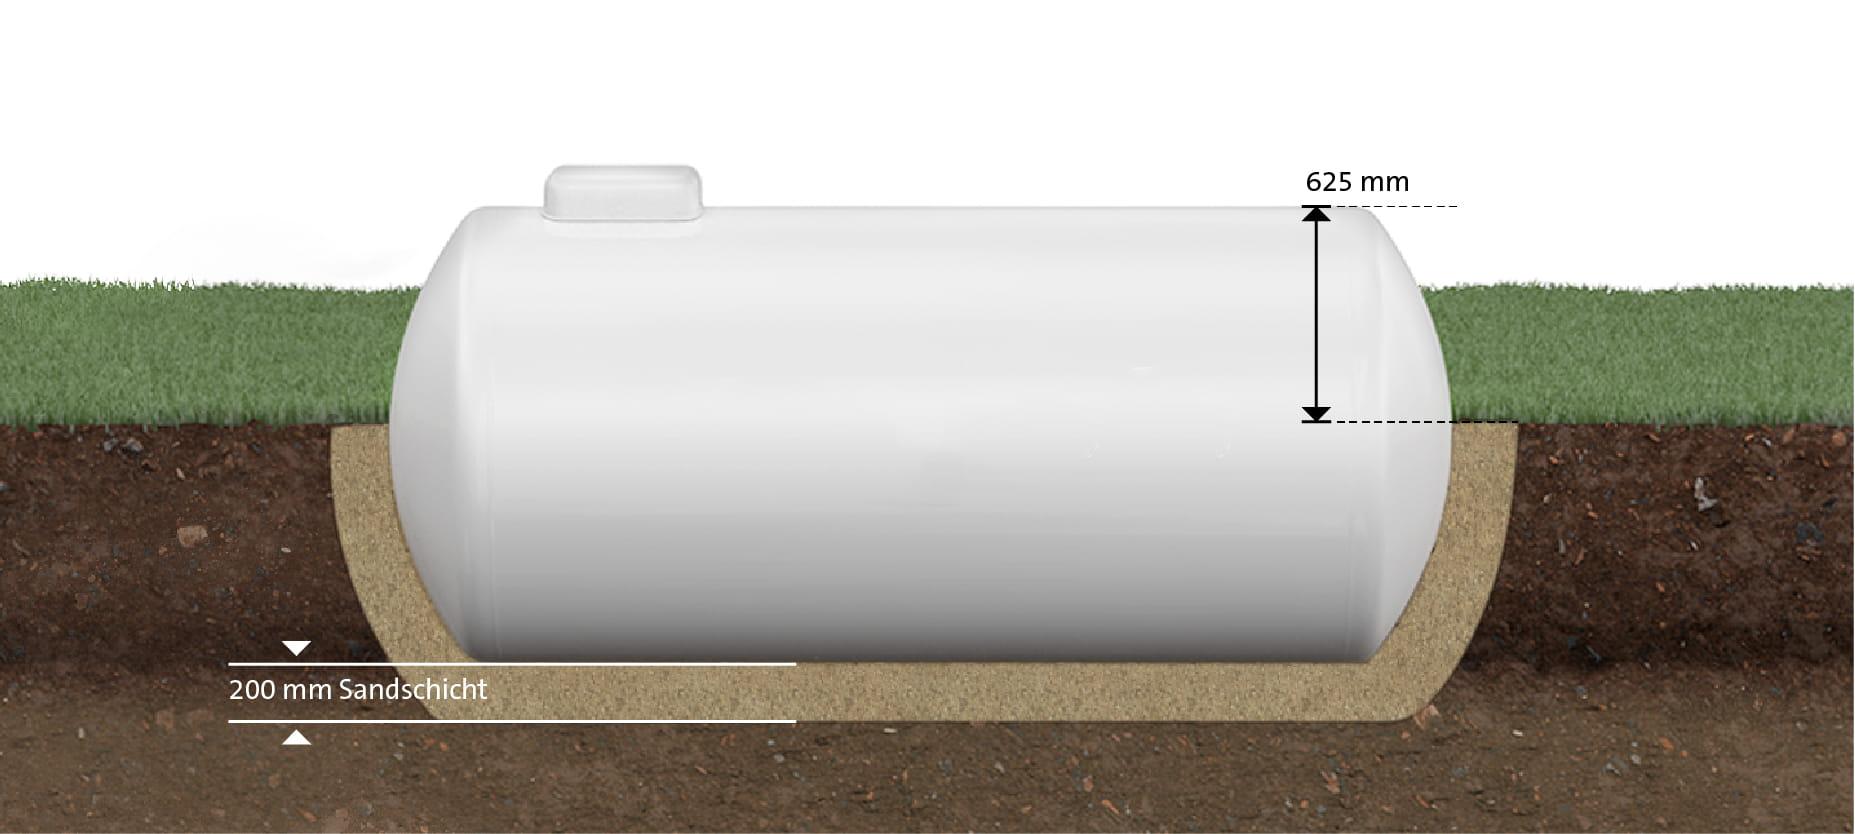 Modell eines halb-oberirdisch installierten Flüssiggastanks.